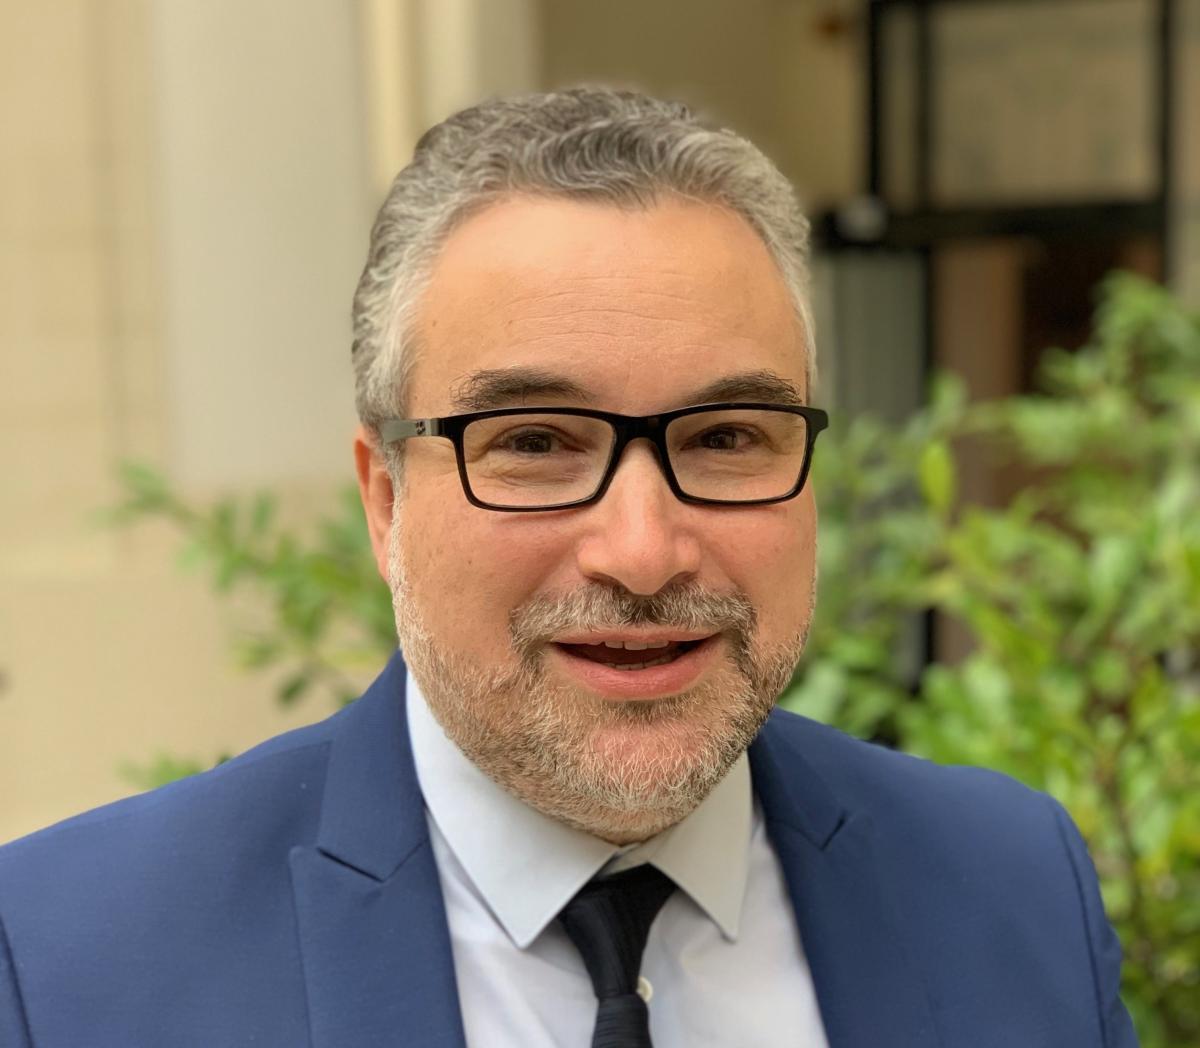 Pierre-Olivier Donnat